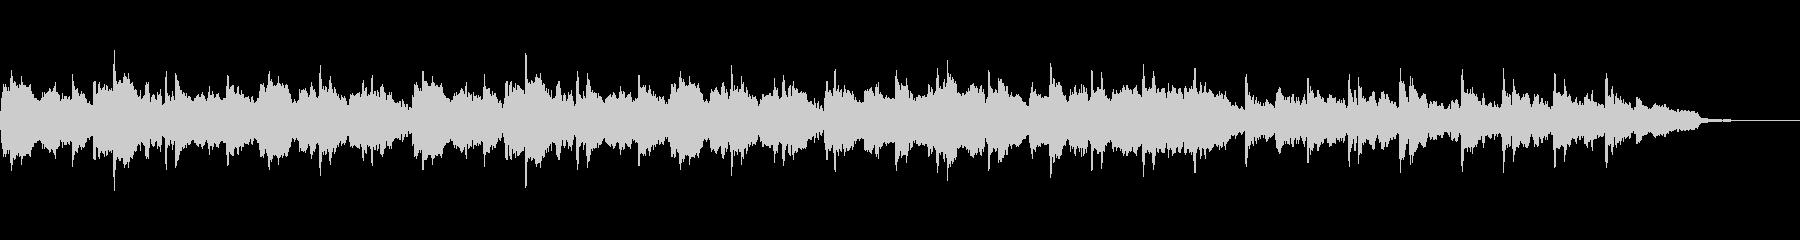 オーボエ・ギター5/8拍子の世界、切ないの未再生の波形